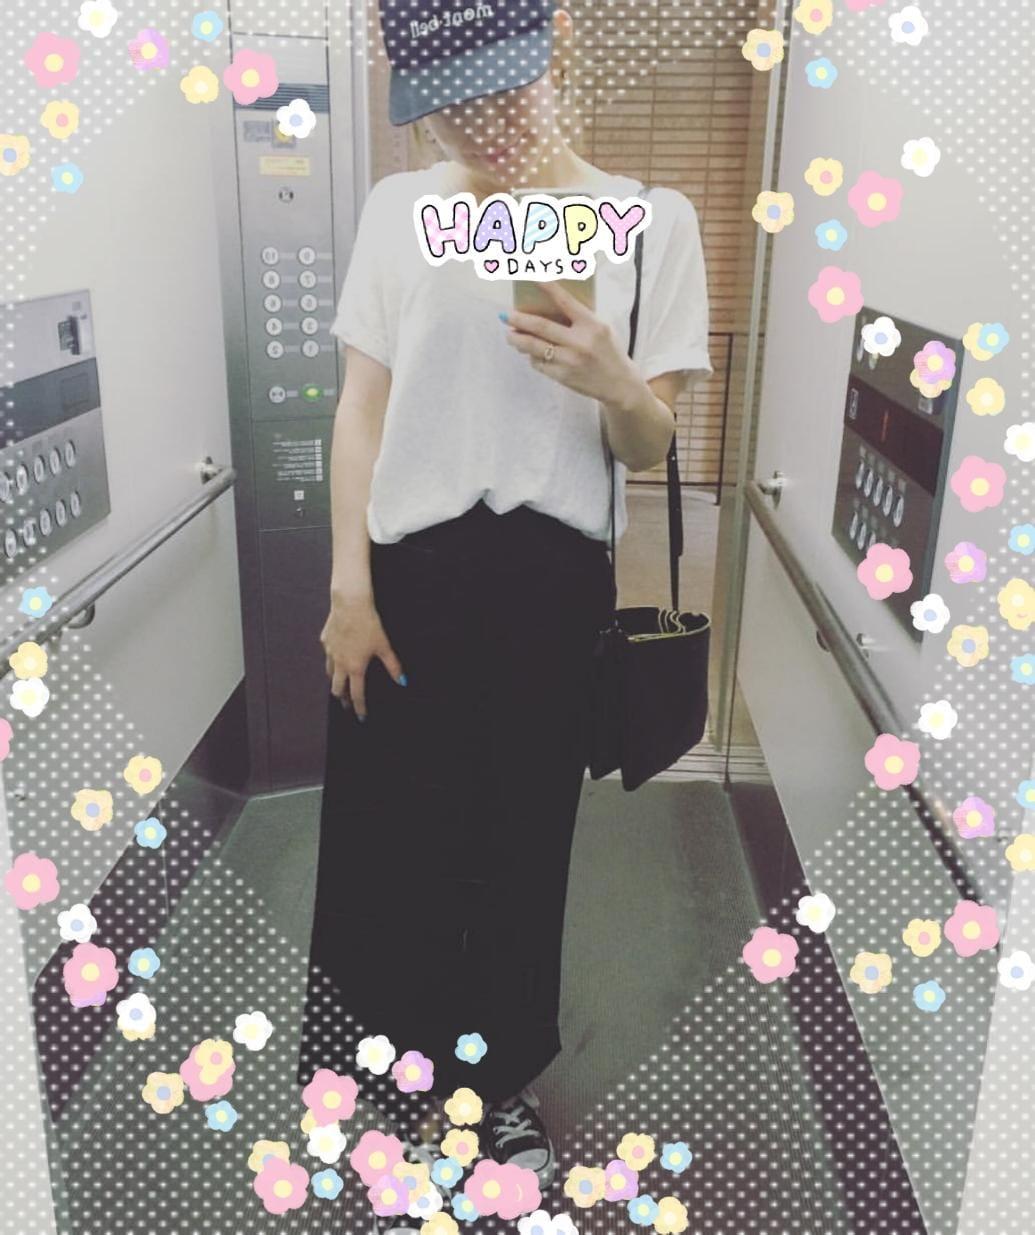 神崎京子「さて」05/26(土) 19:35   神崎京子の写メ・風俗動画